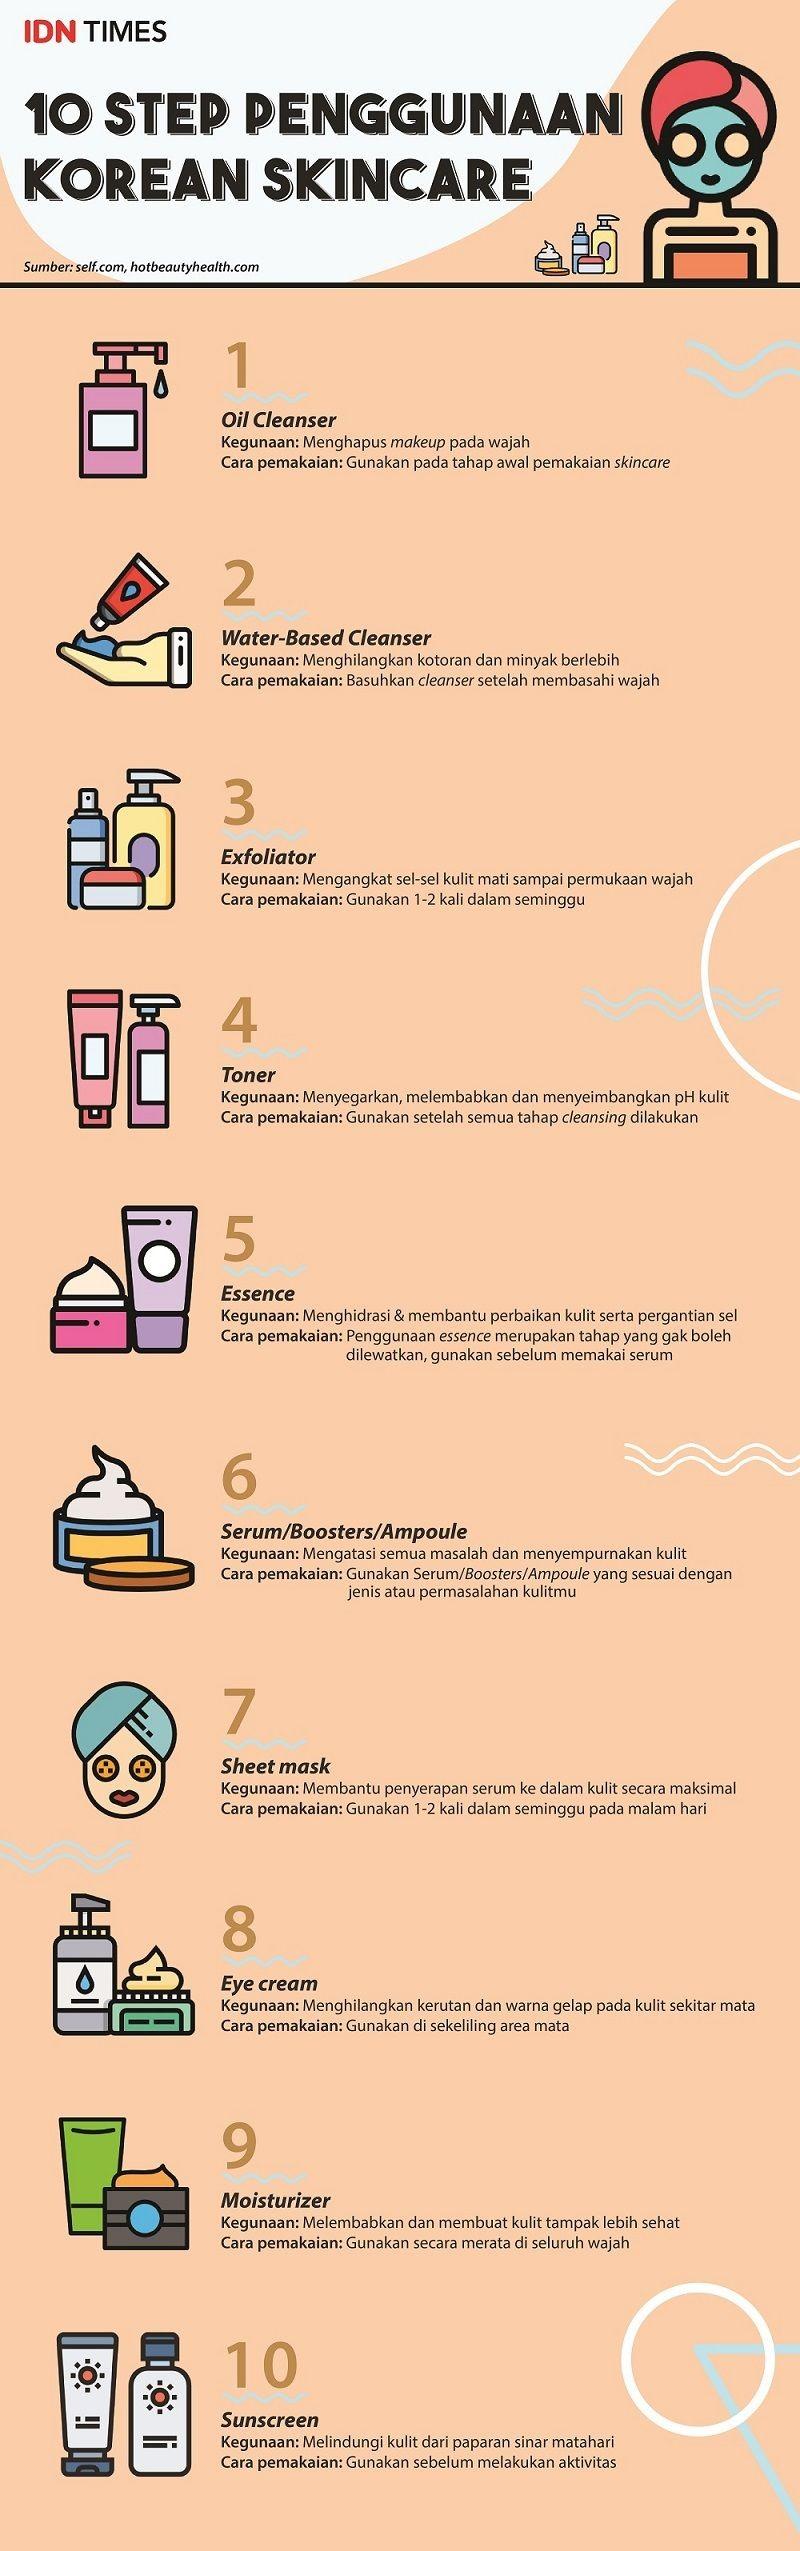 10 Tahapan Korean Skincare yang Bikin Wajahmu Terlihat Glowing